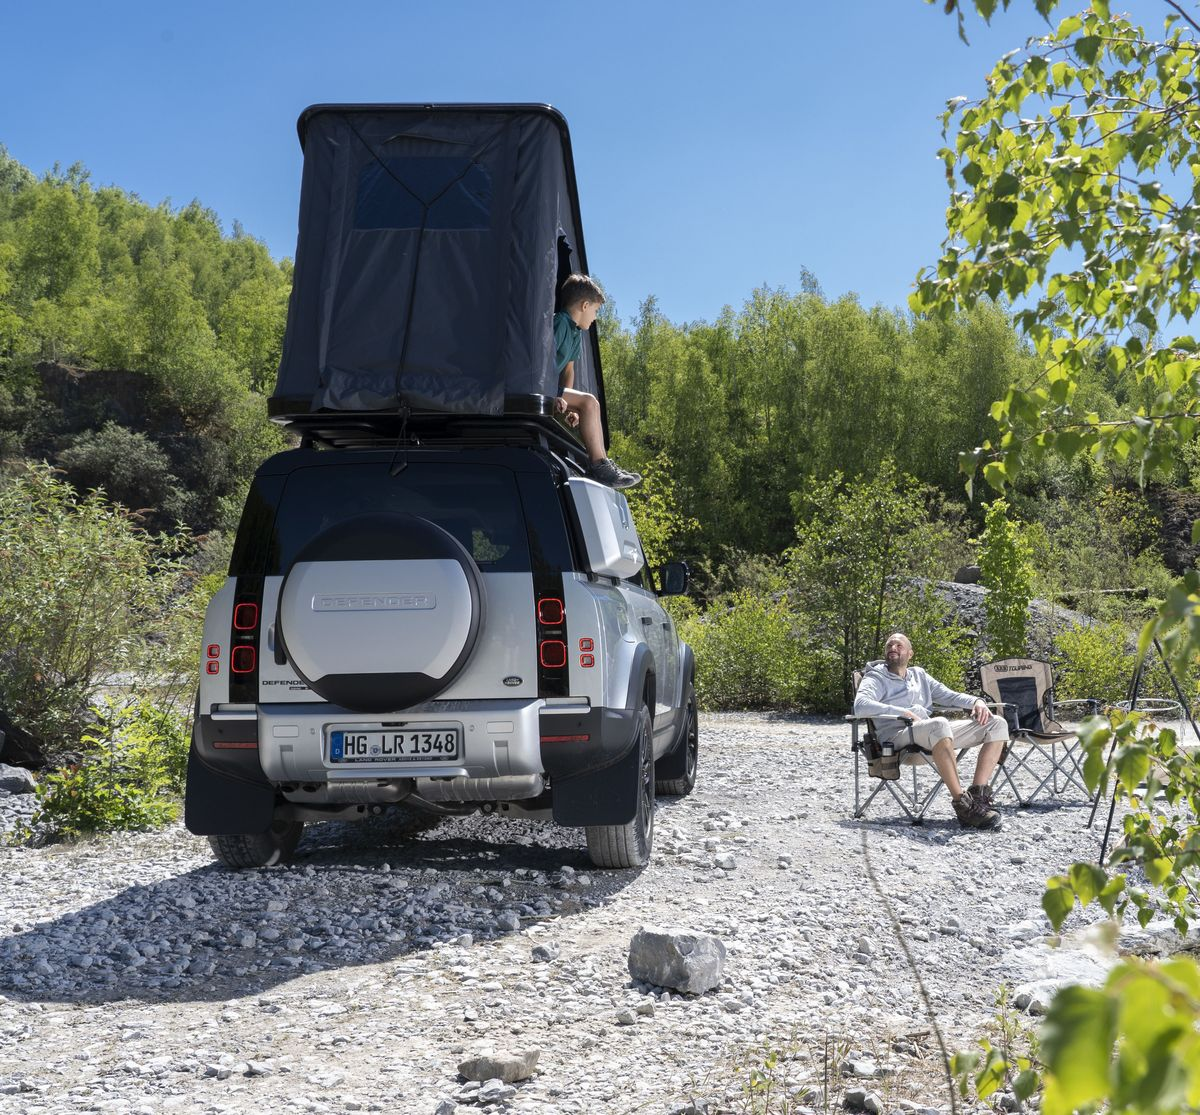 Land Rover vermietet den Defender 110 auf Wunsch auch mit Dachzelt, Fahrradträger und Campingmobiliar.